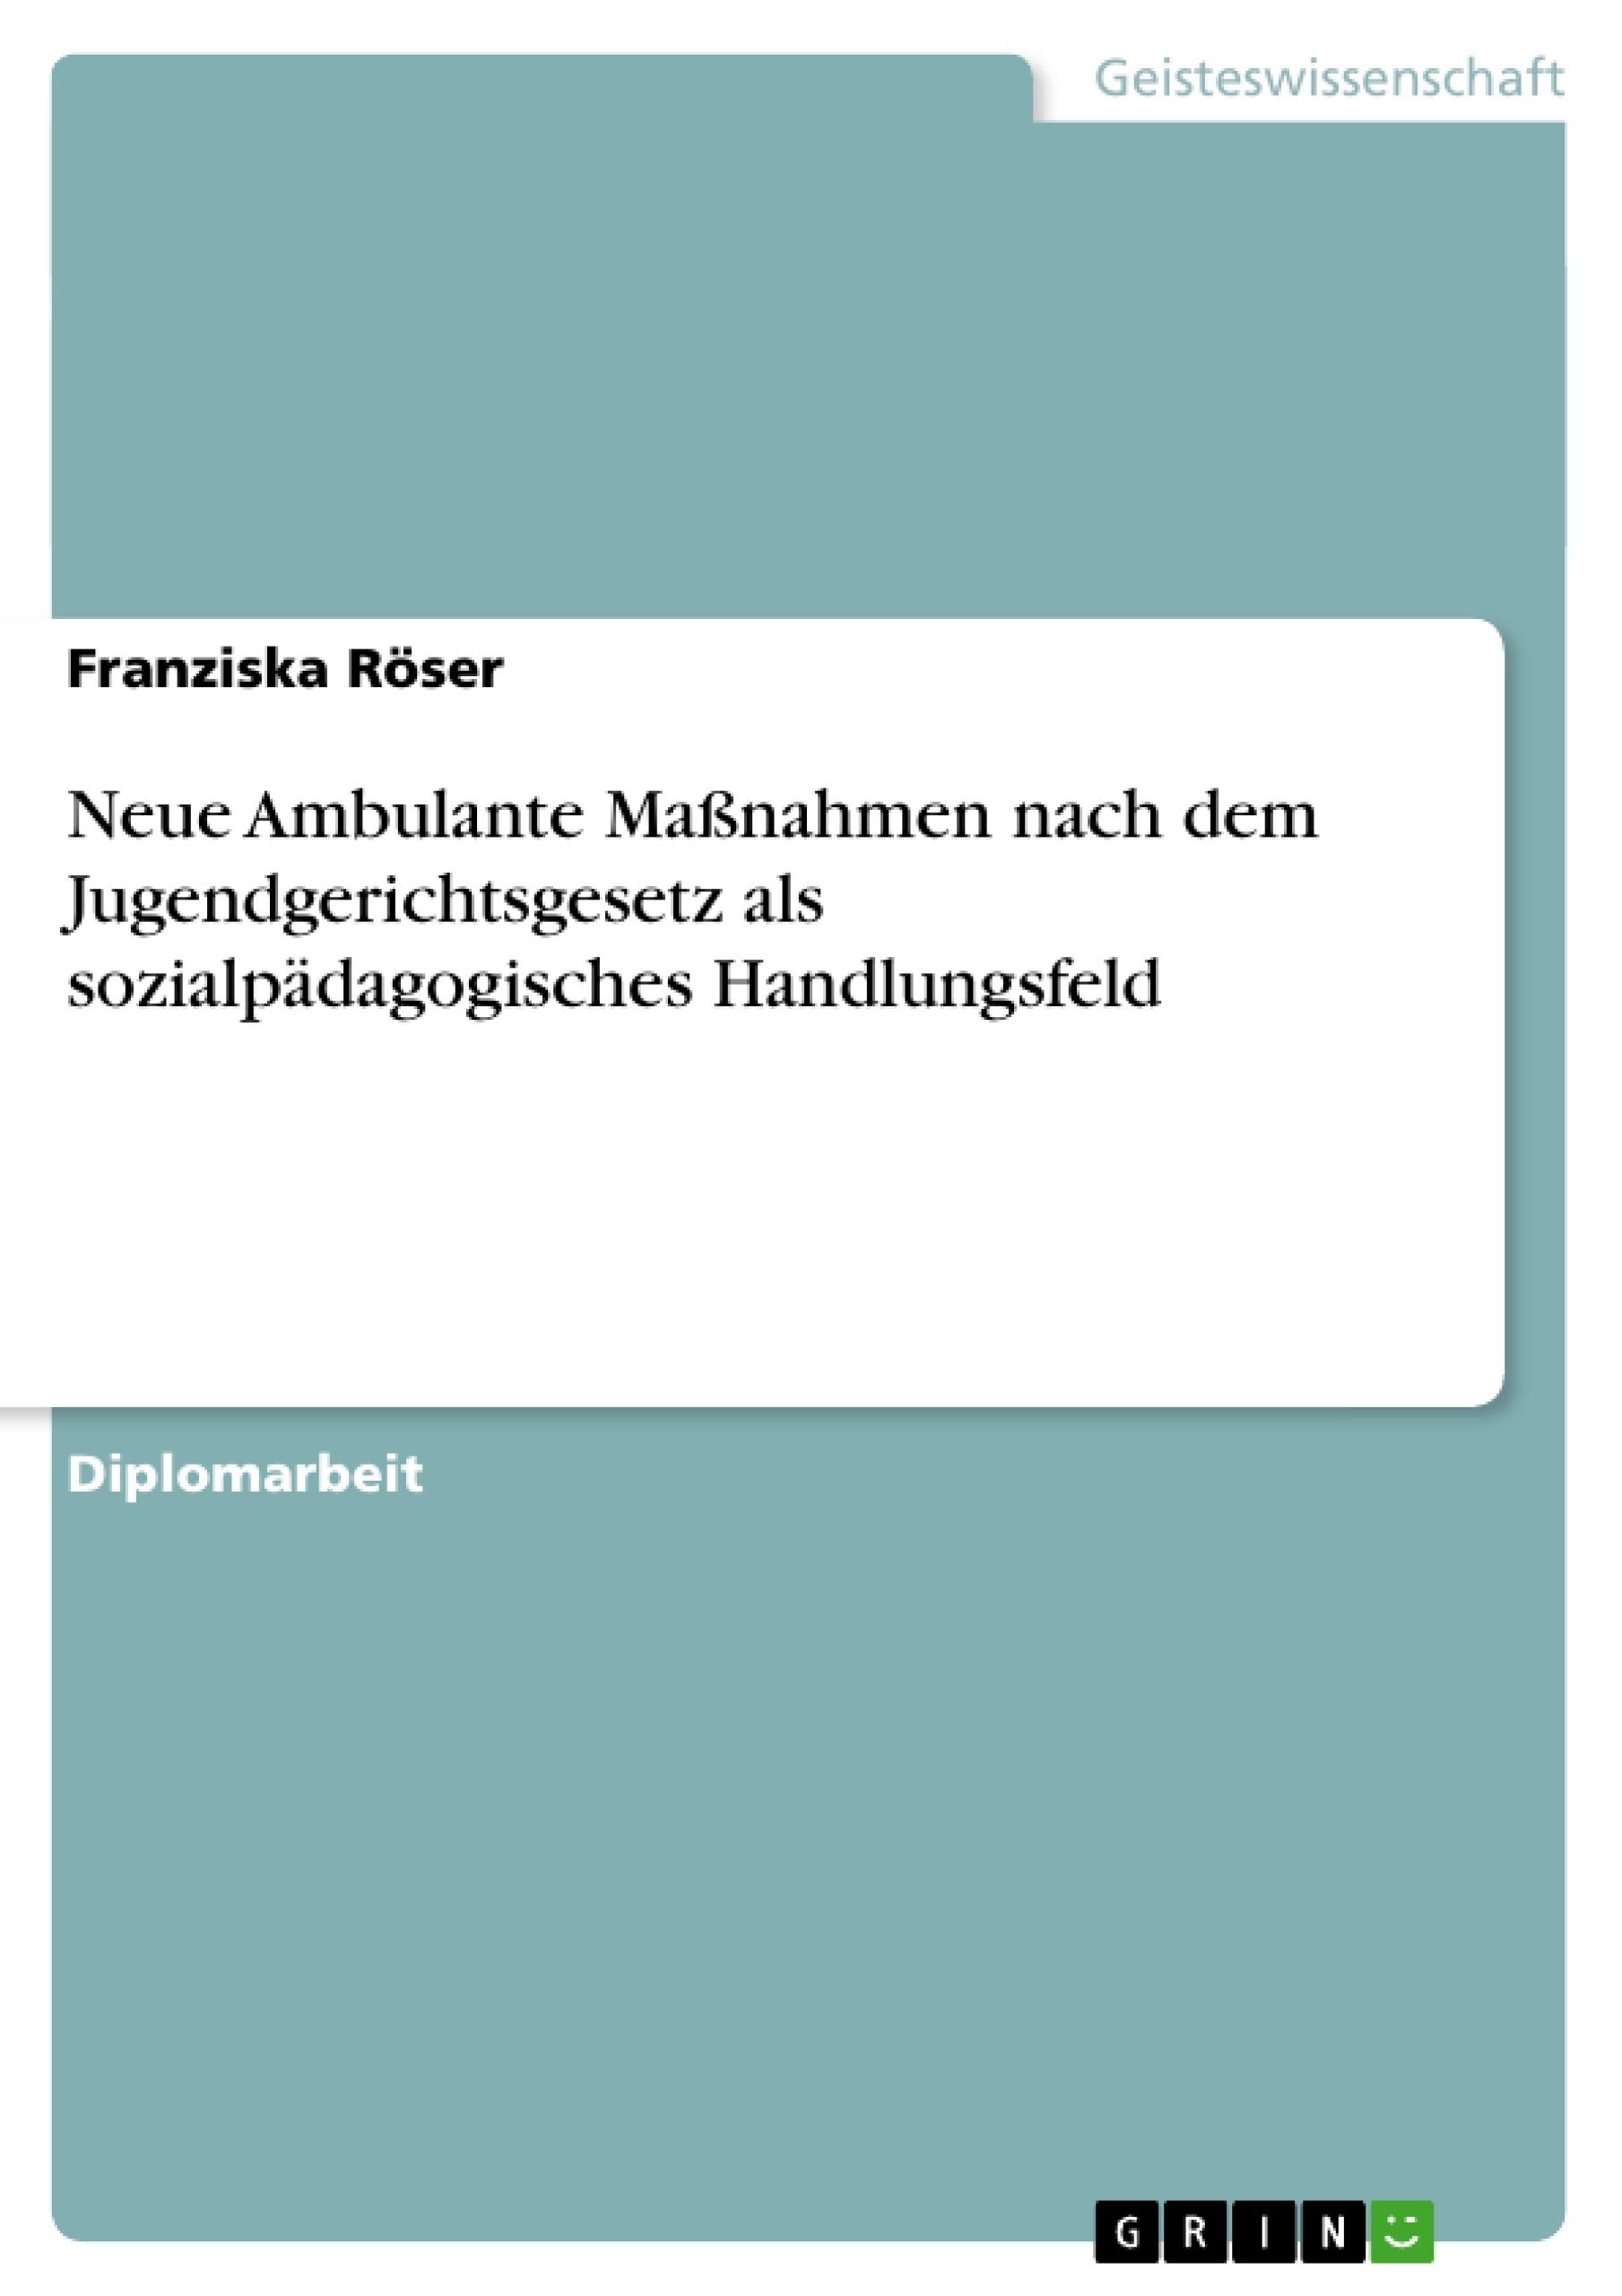 Titel: Neue Ambulante Maßnahmen nach dem Jugendgerichtsgesetz als sozialpädagogisches Handlungsfeld